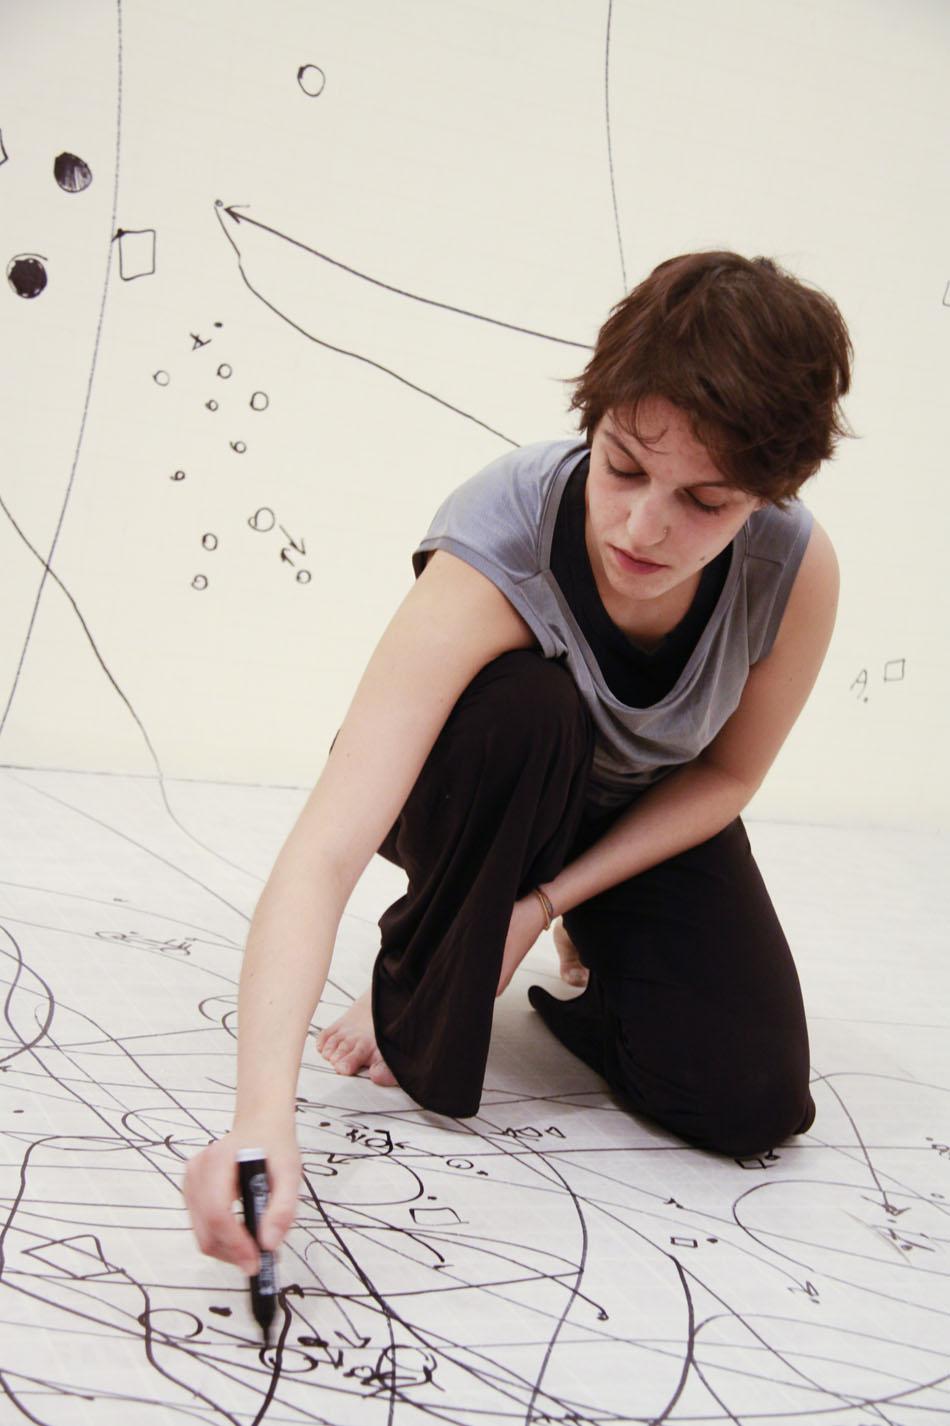 Giulia-Gallo-Recording-Maps-performance-Get-Closer-Nuovi-Arrivi-2010-Accademia-Albertina-di-Belle-Arti-Torino-2010-Recording-Maps-performance-Get-Closer-Nuovi-Arrivi-2010-Academy-of-Fine-Arts-of-Turin-2010